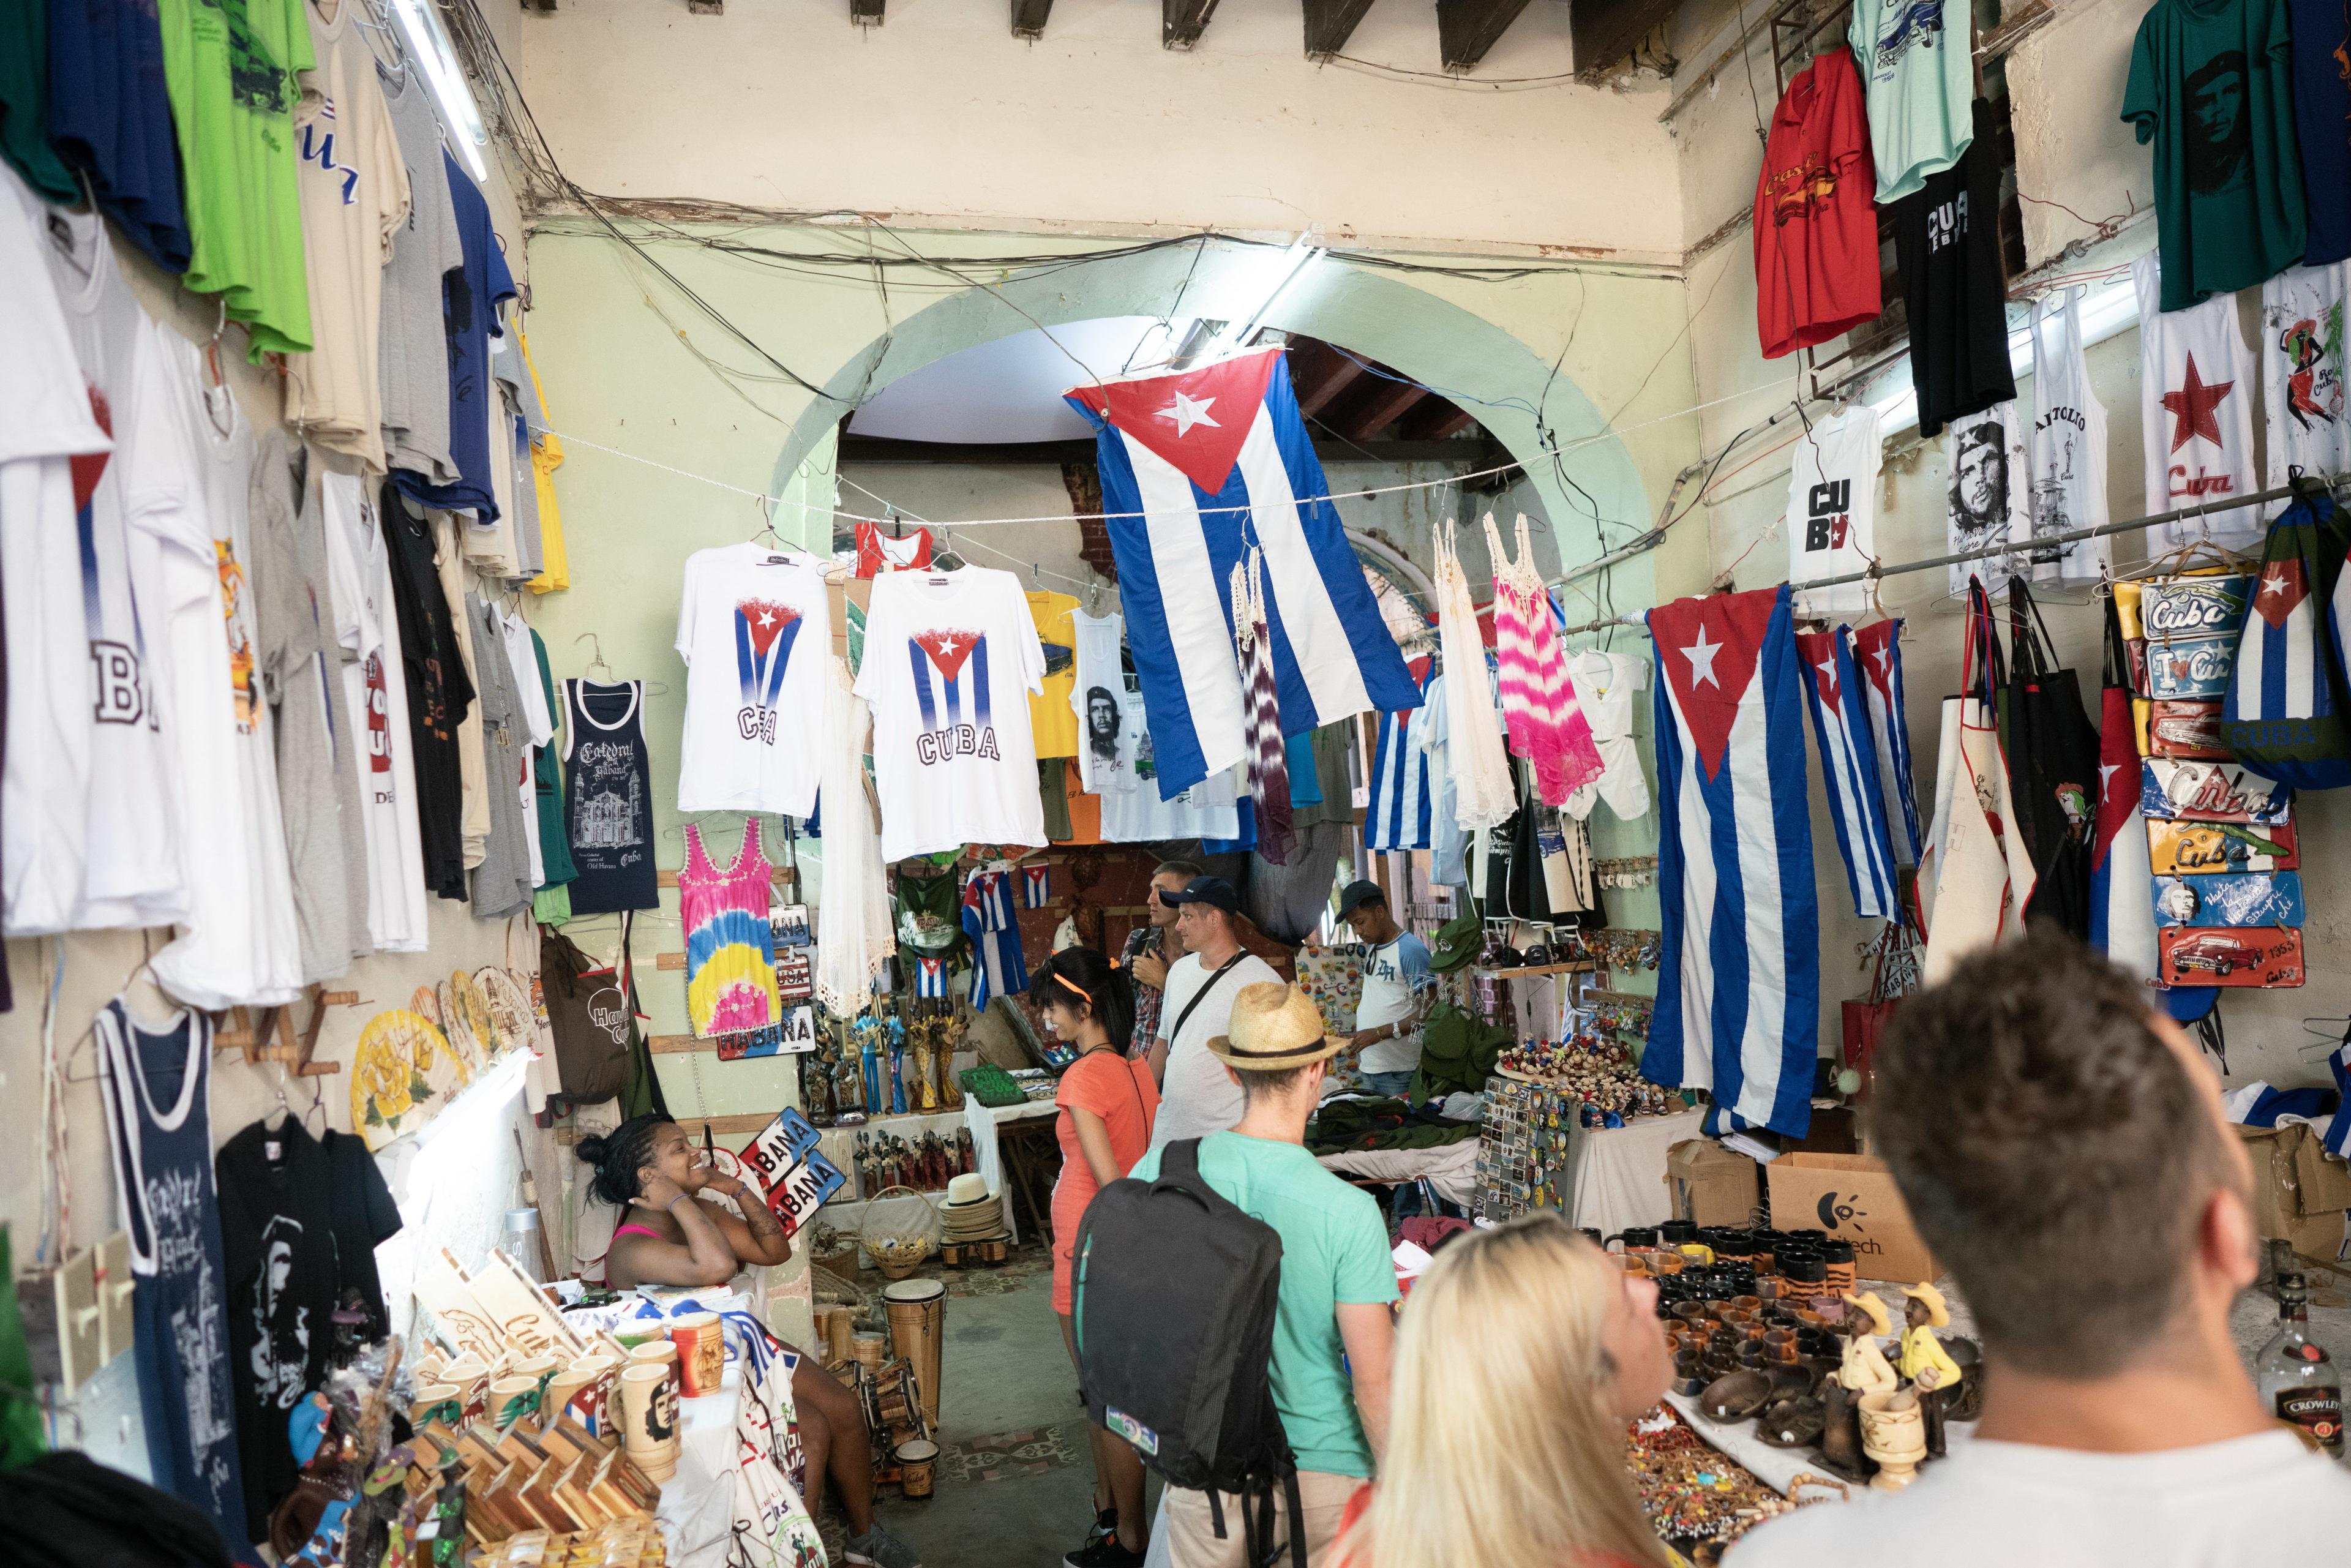 Souvenirladen in Kuba